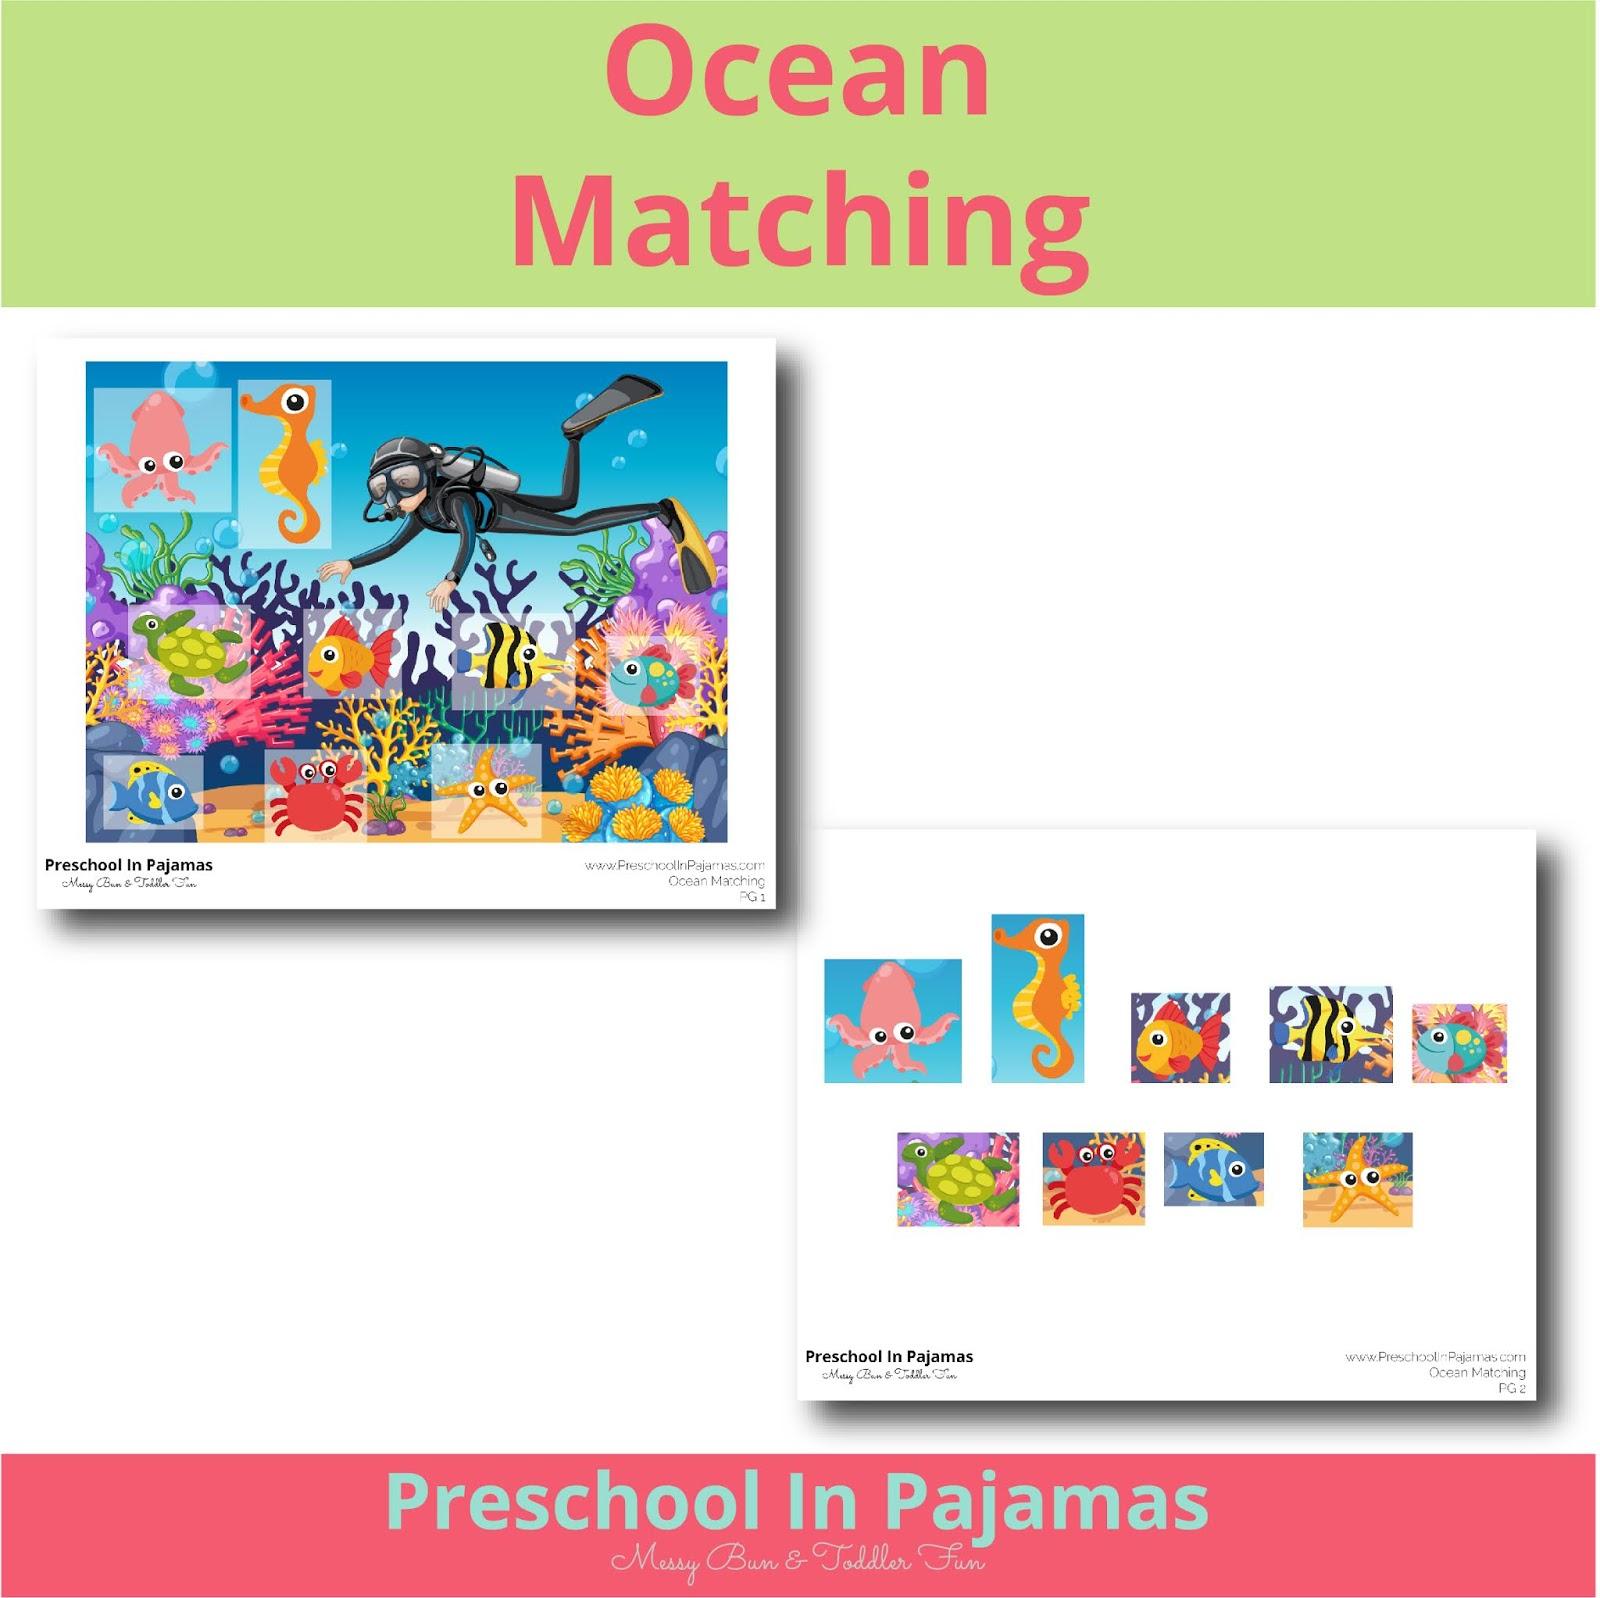 Free Ocean Matching Printable Game